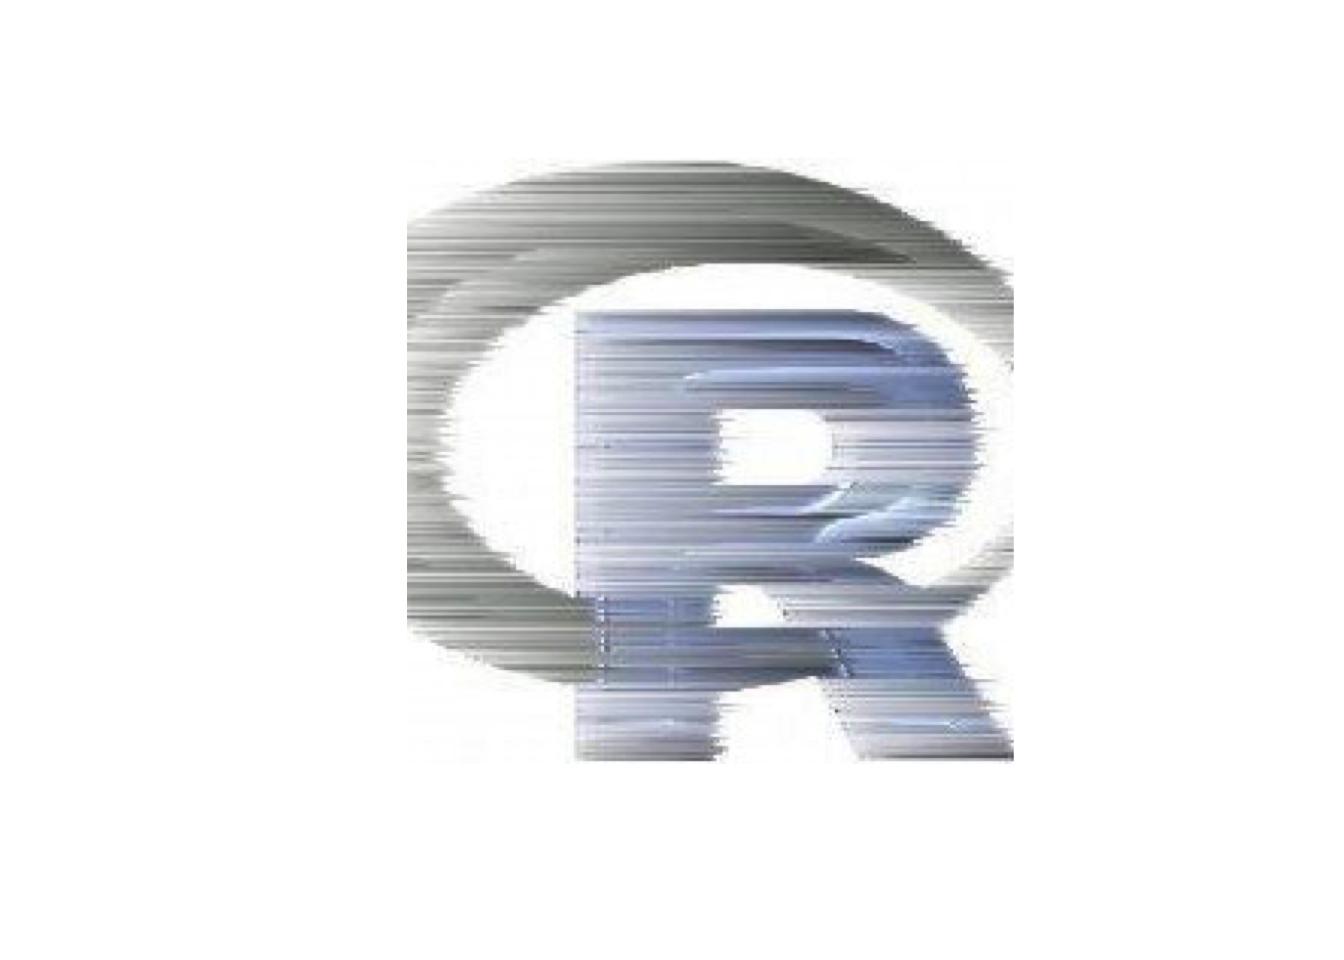 R mais rápido! Imagem emprestada do time do [Rcpp](https://github.com/RcppCore).